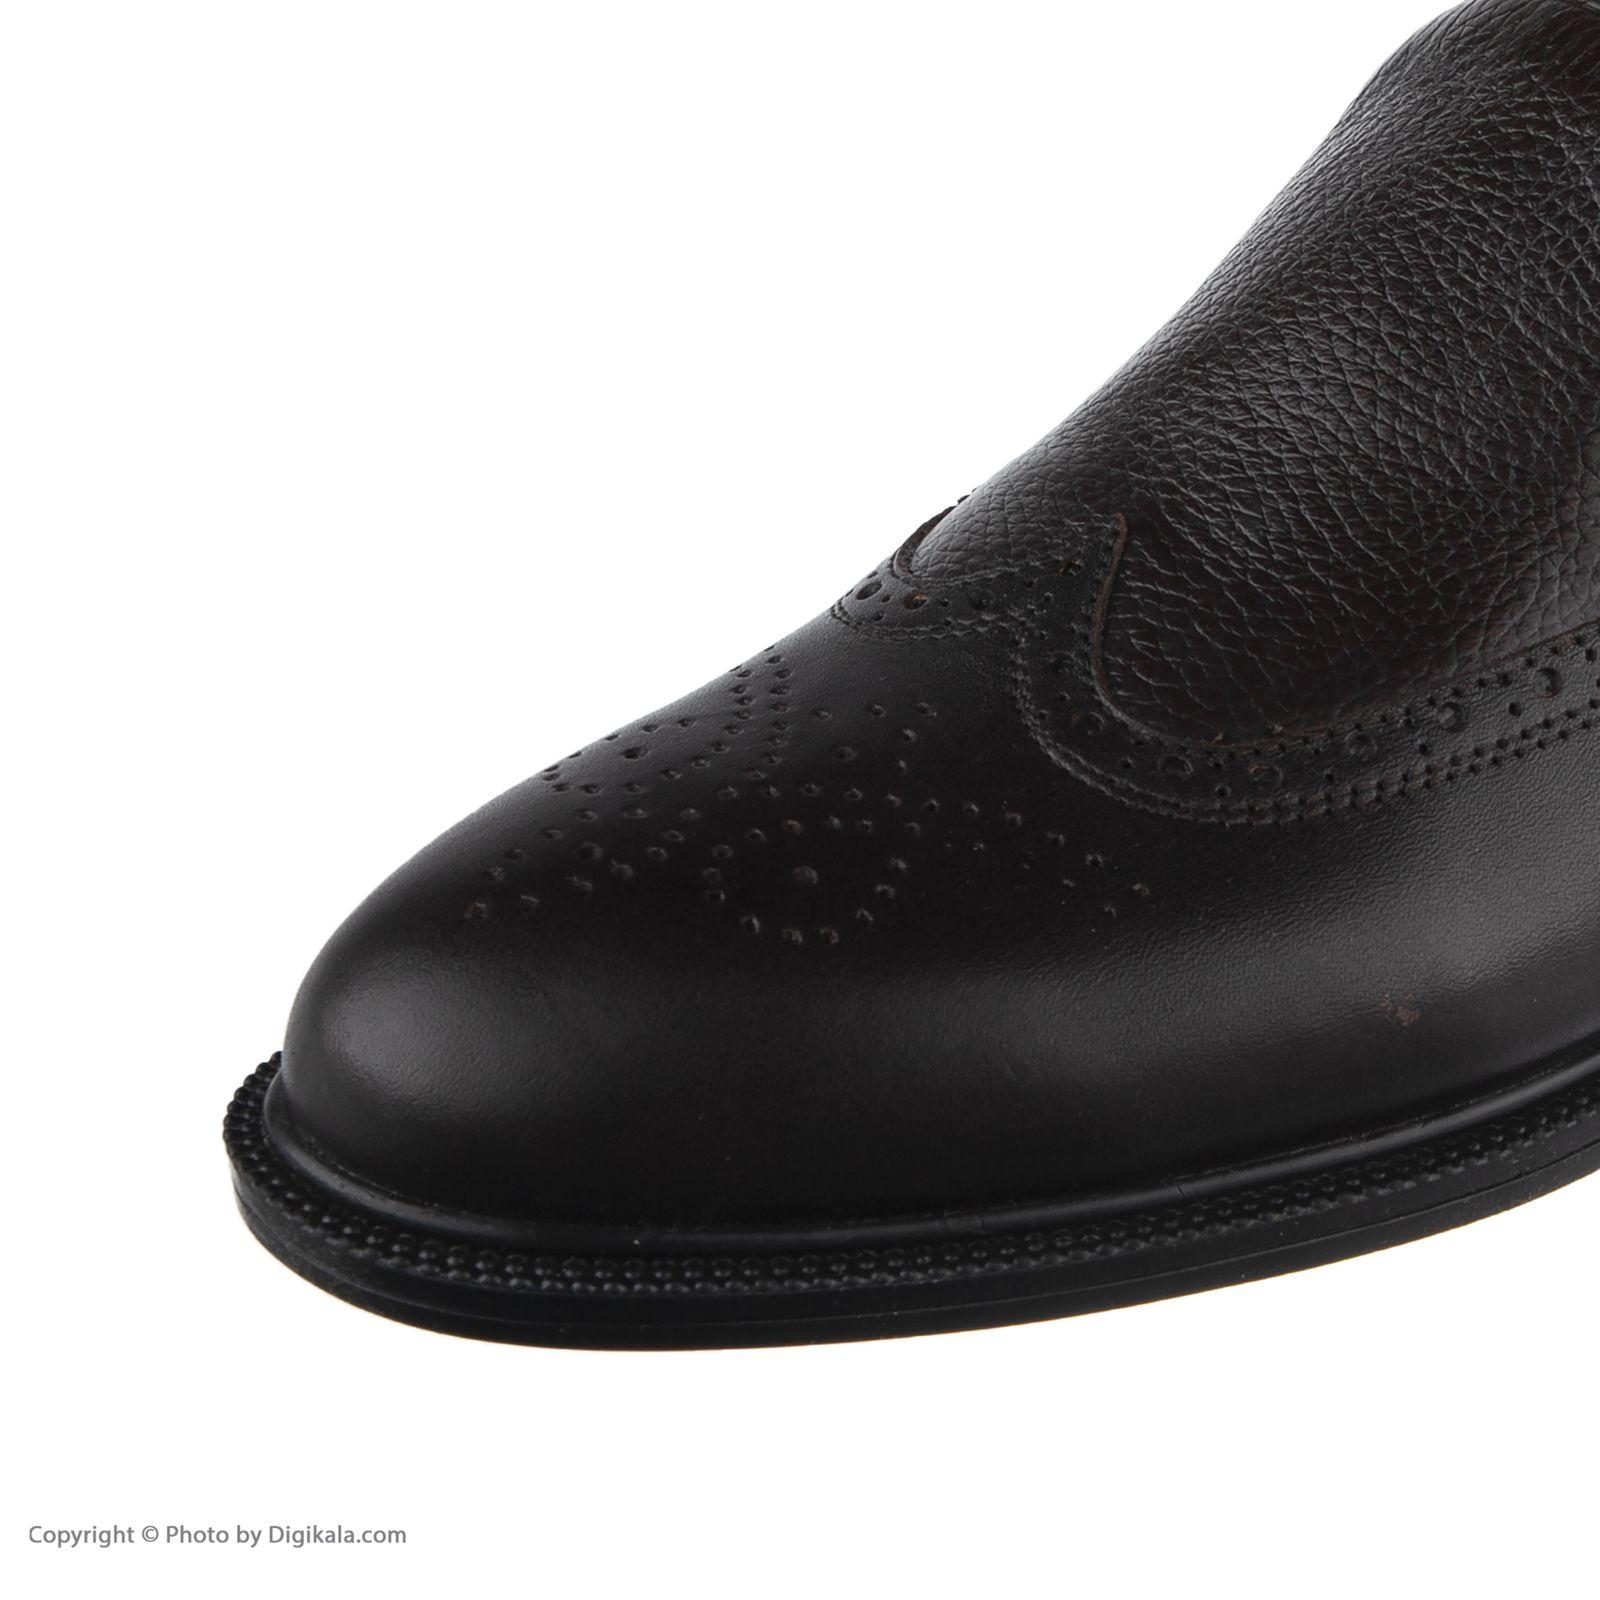 کفش مردانه بلوط مدل 7295A503104 -  - 5